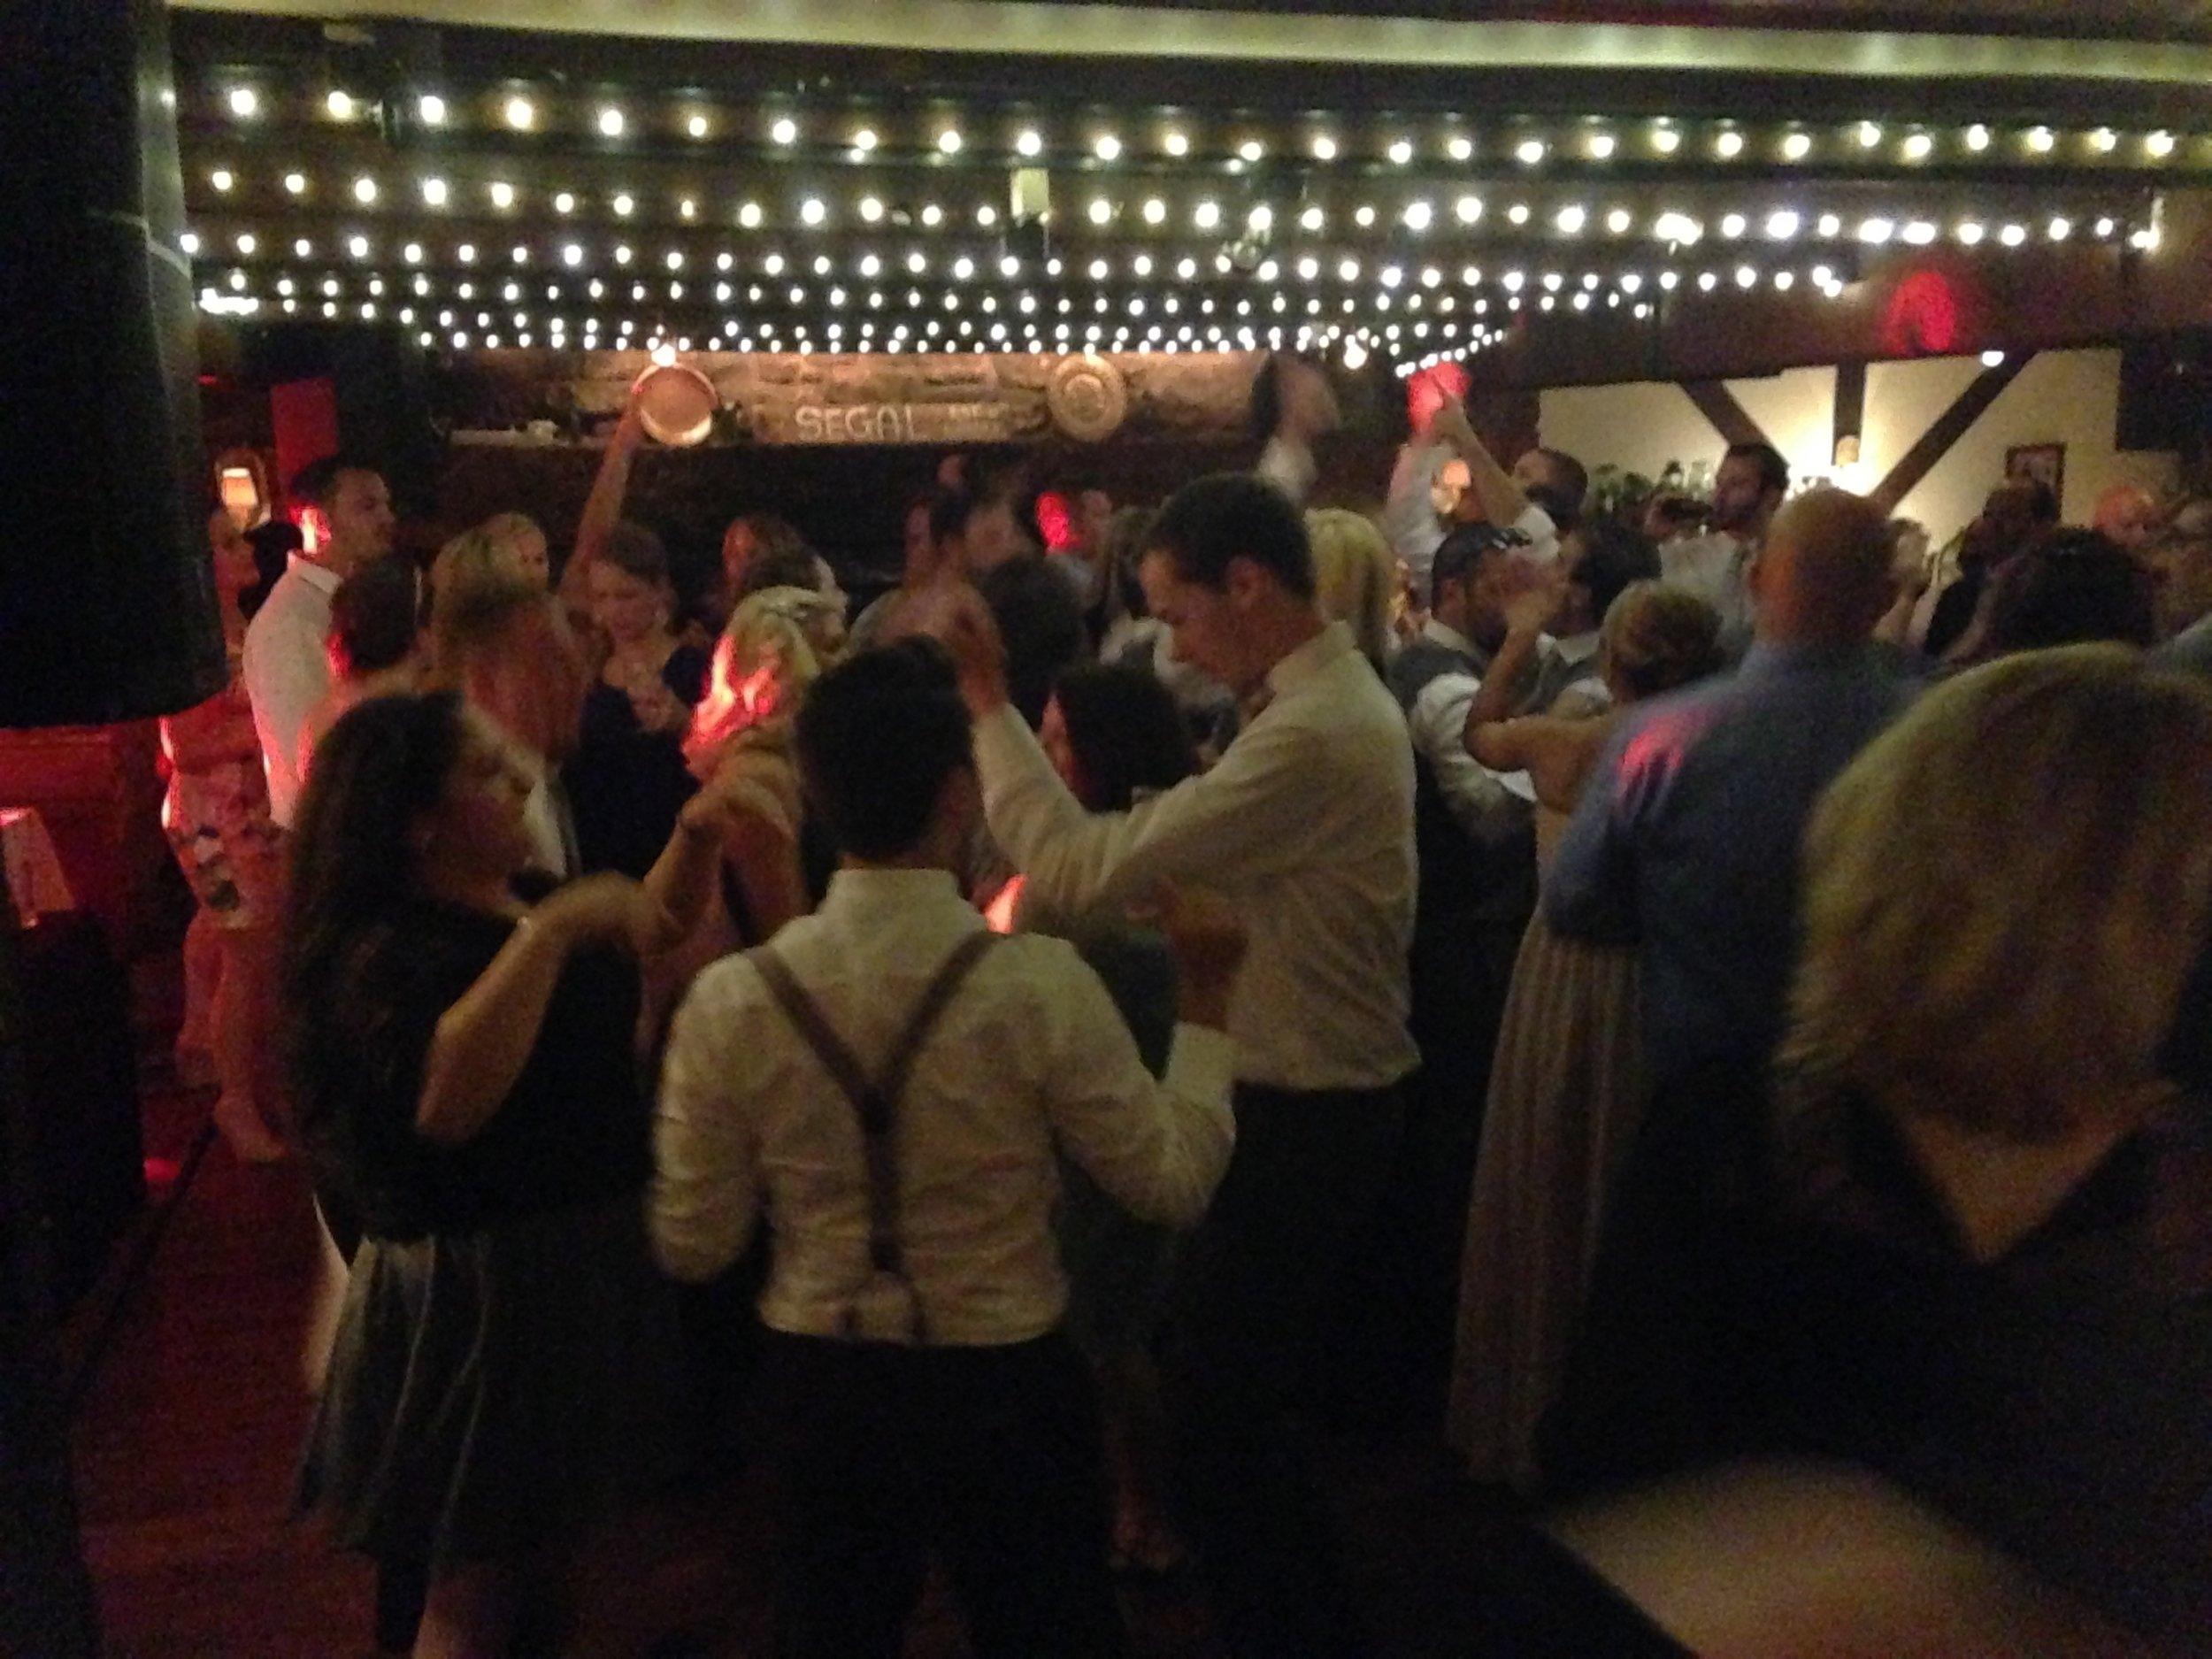 Dancing in main Area